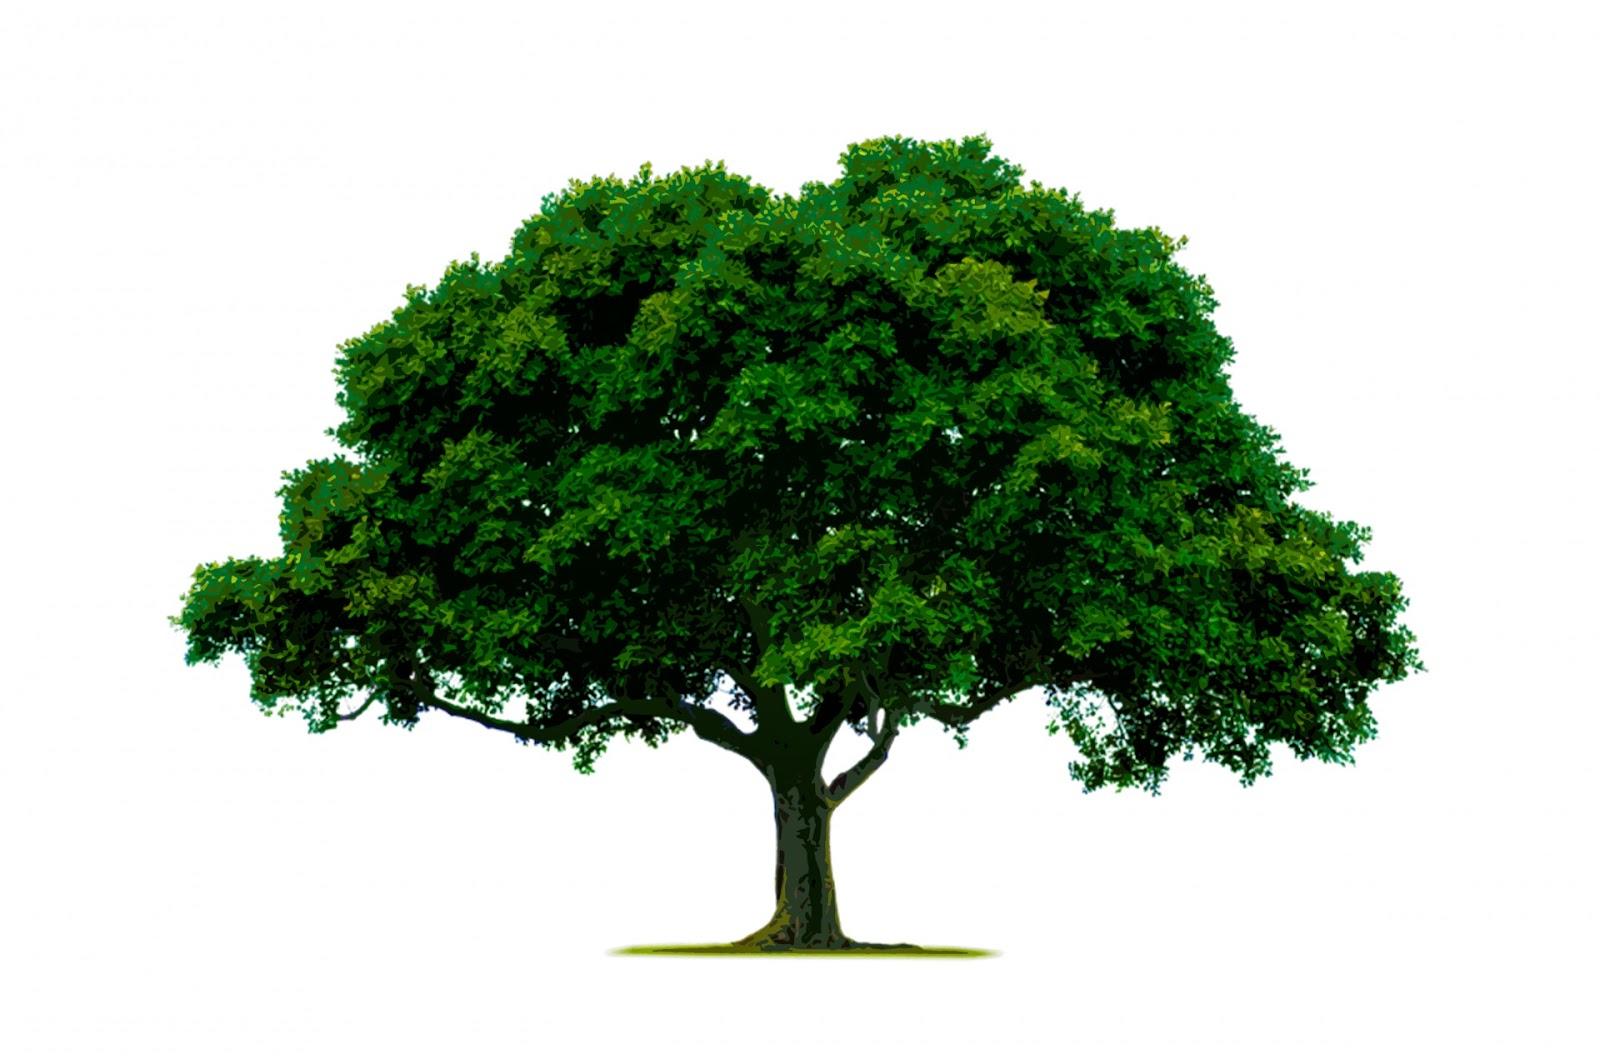 https://www.publicdomainpictures.net/pictures/180000/velka/tree-1465369020Wxg.jpg